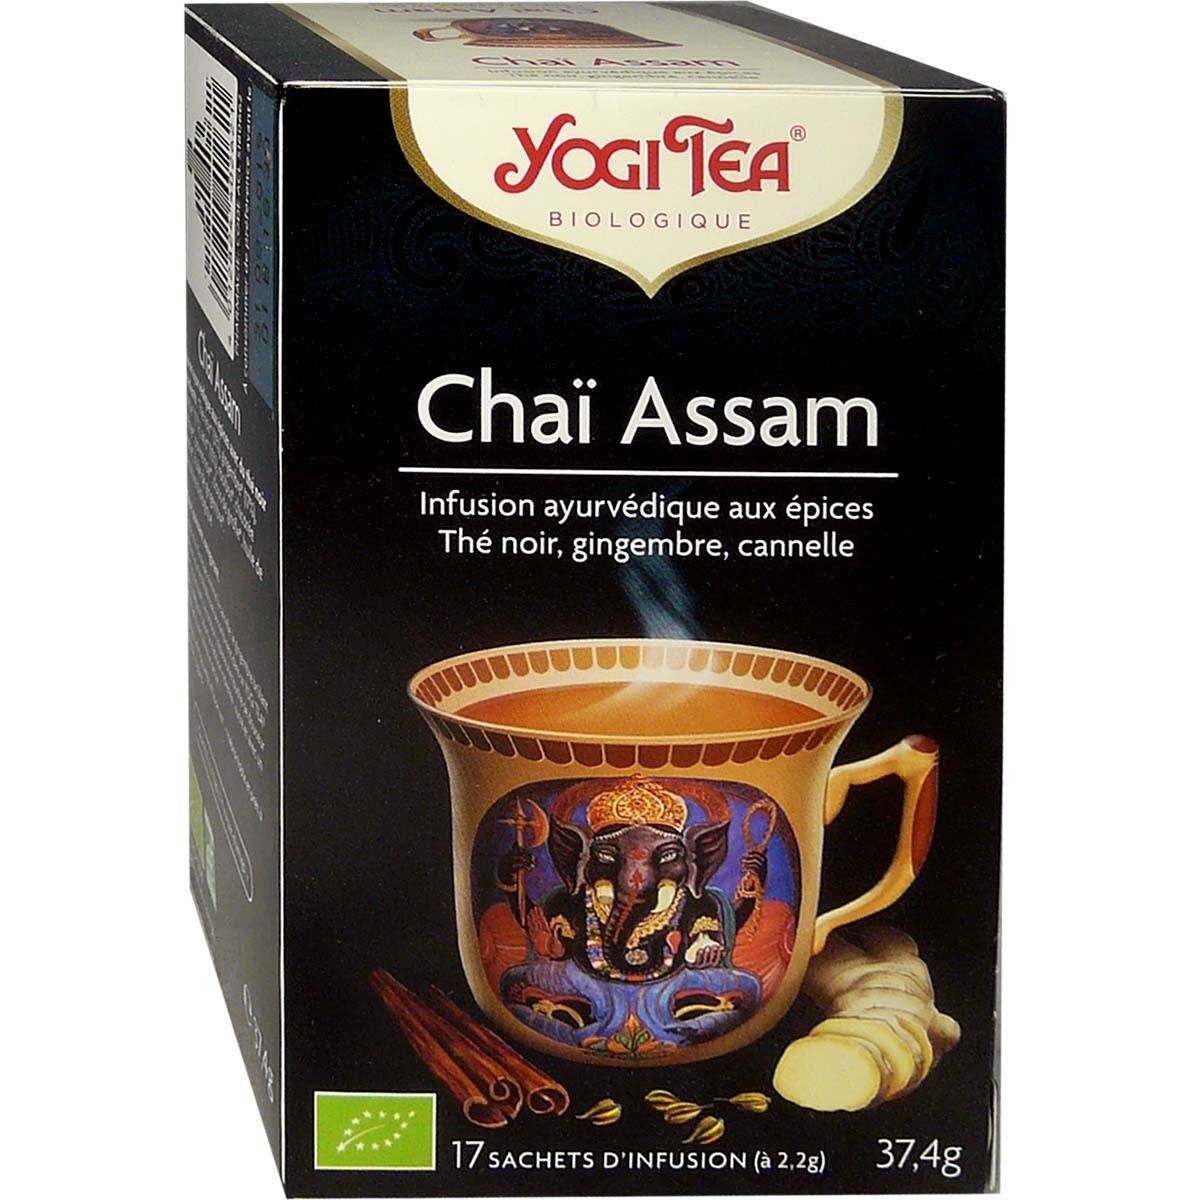 Yogi tea infusion chaÎ assam 17 sachets